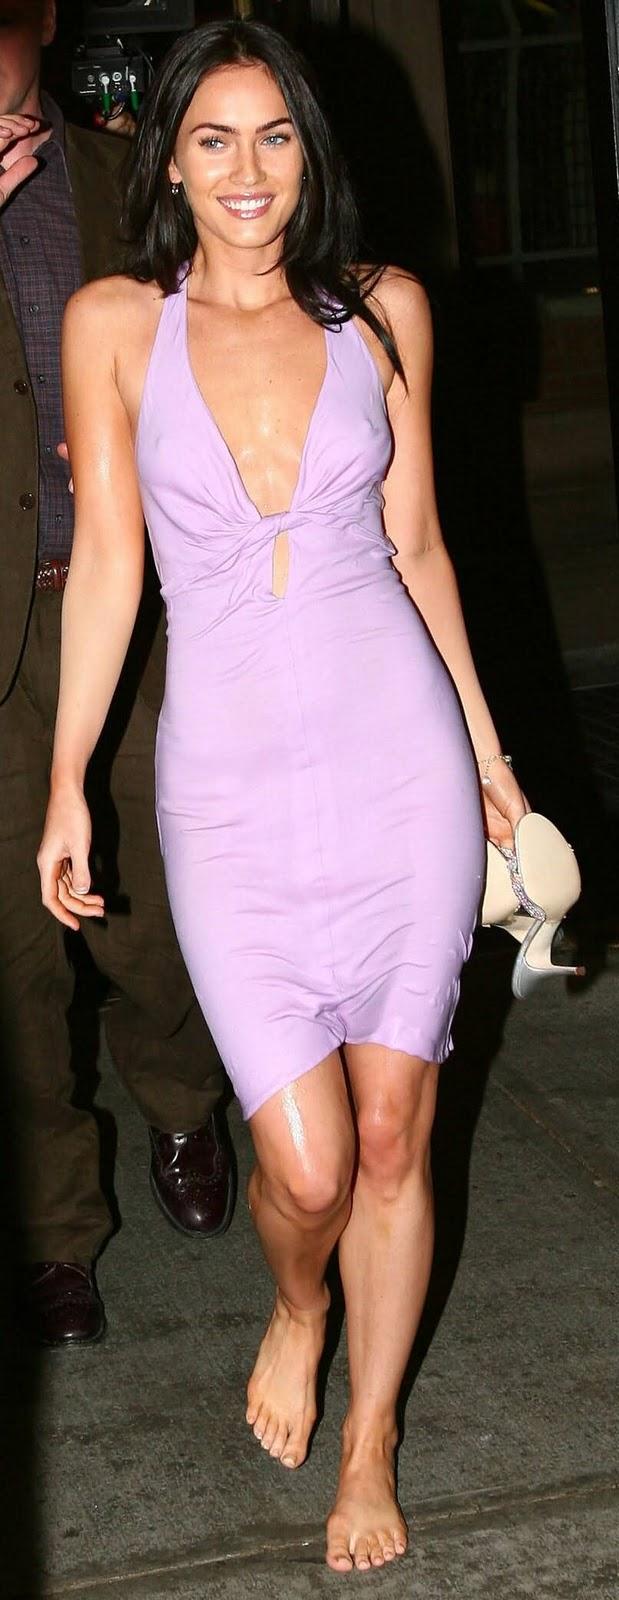 Hot And Romantic Actress Megan Fox Hot Photos-6715